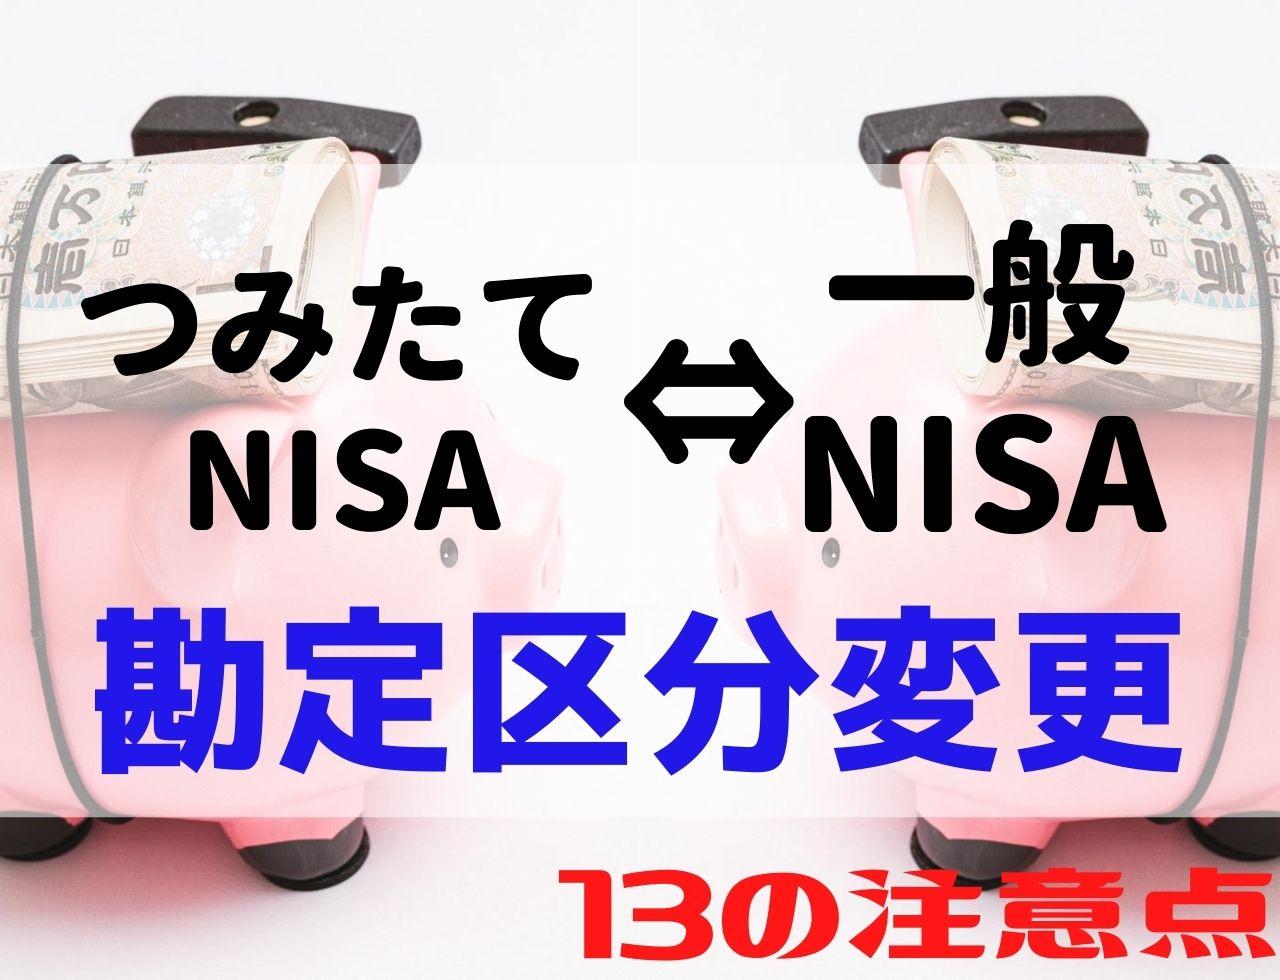 つみたてNISA⇔一般NISAの勘定(区分)変更で注意すべき13点